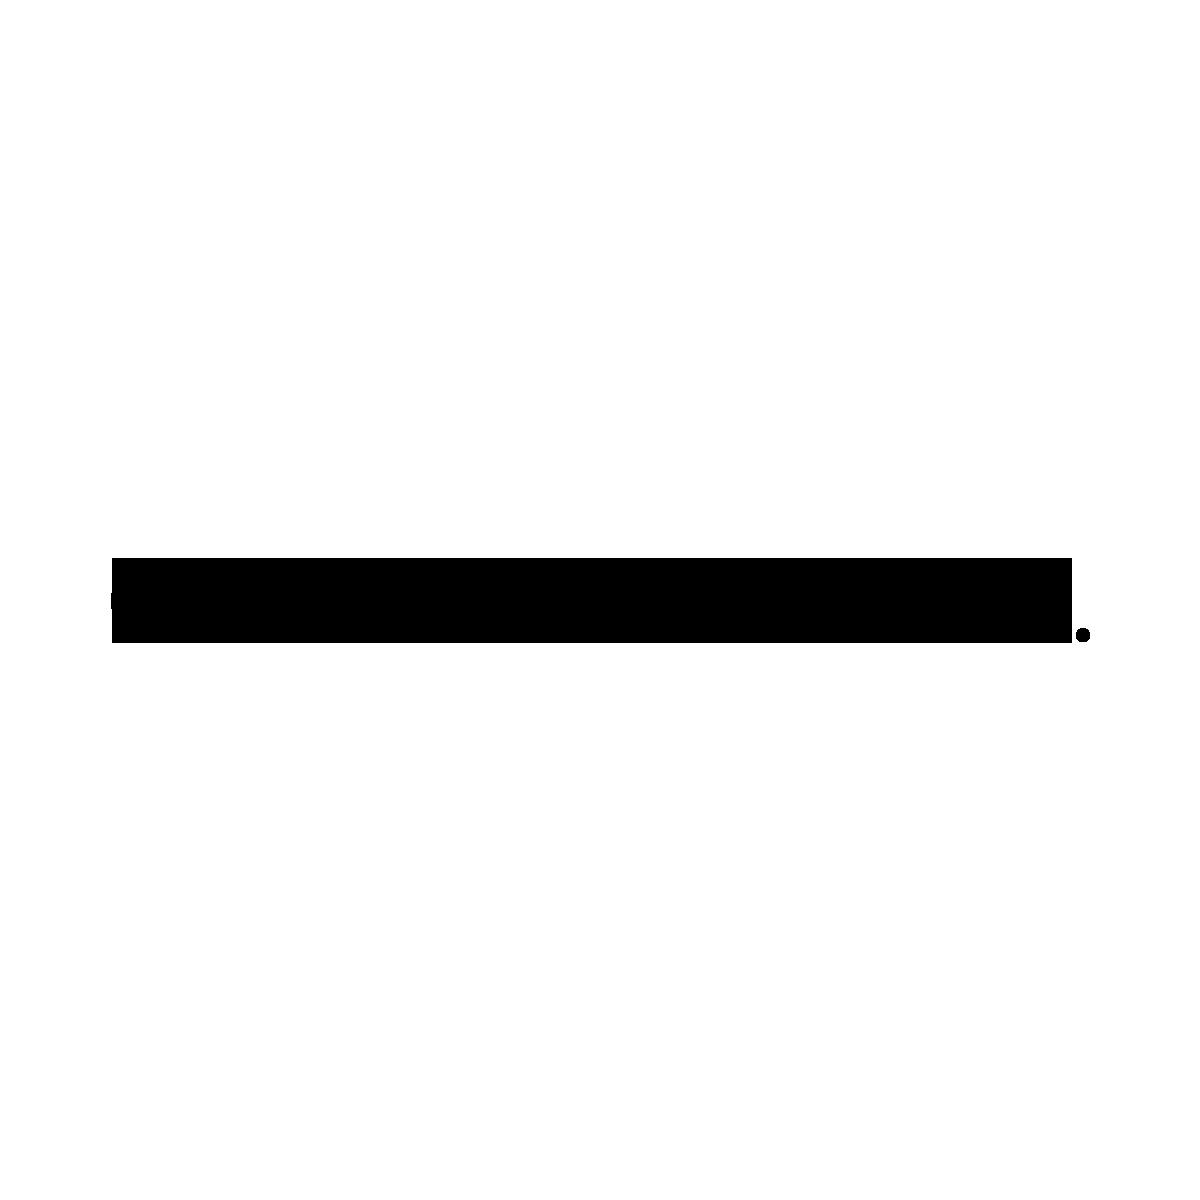 Sandaal-gladleer-met-banden-zwart